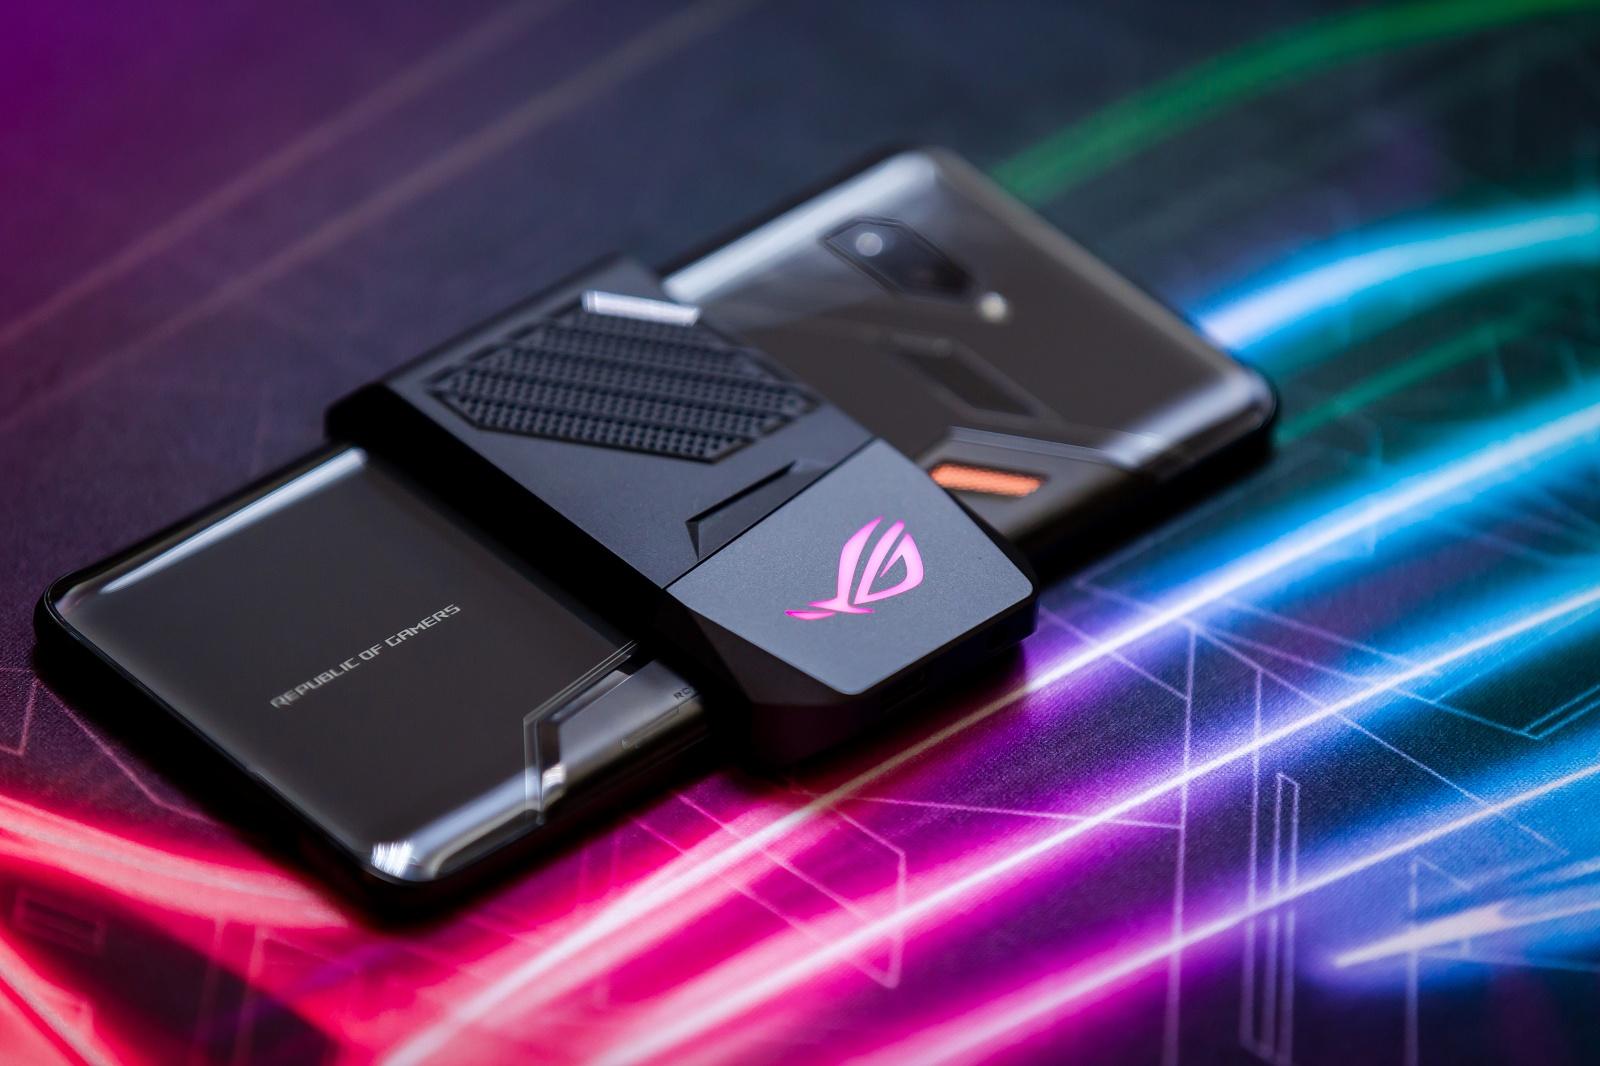 Первый взгляд на геймерский смартфон ASUS ROG Phone - 15